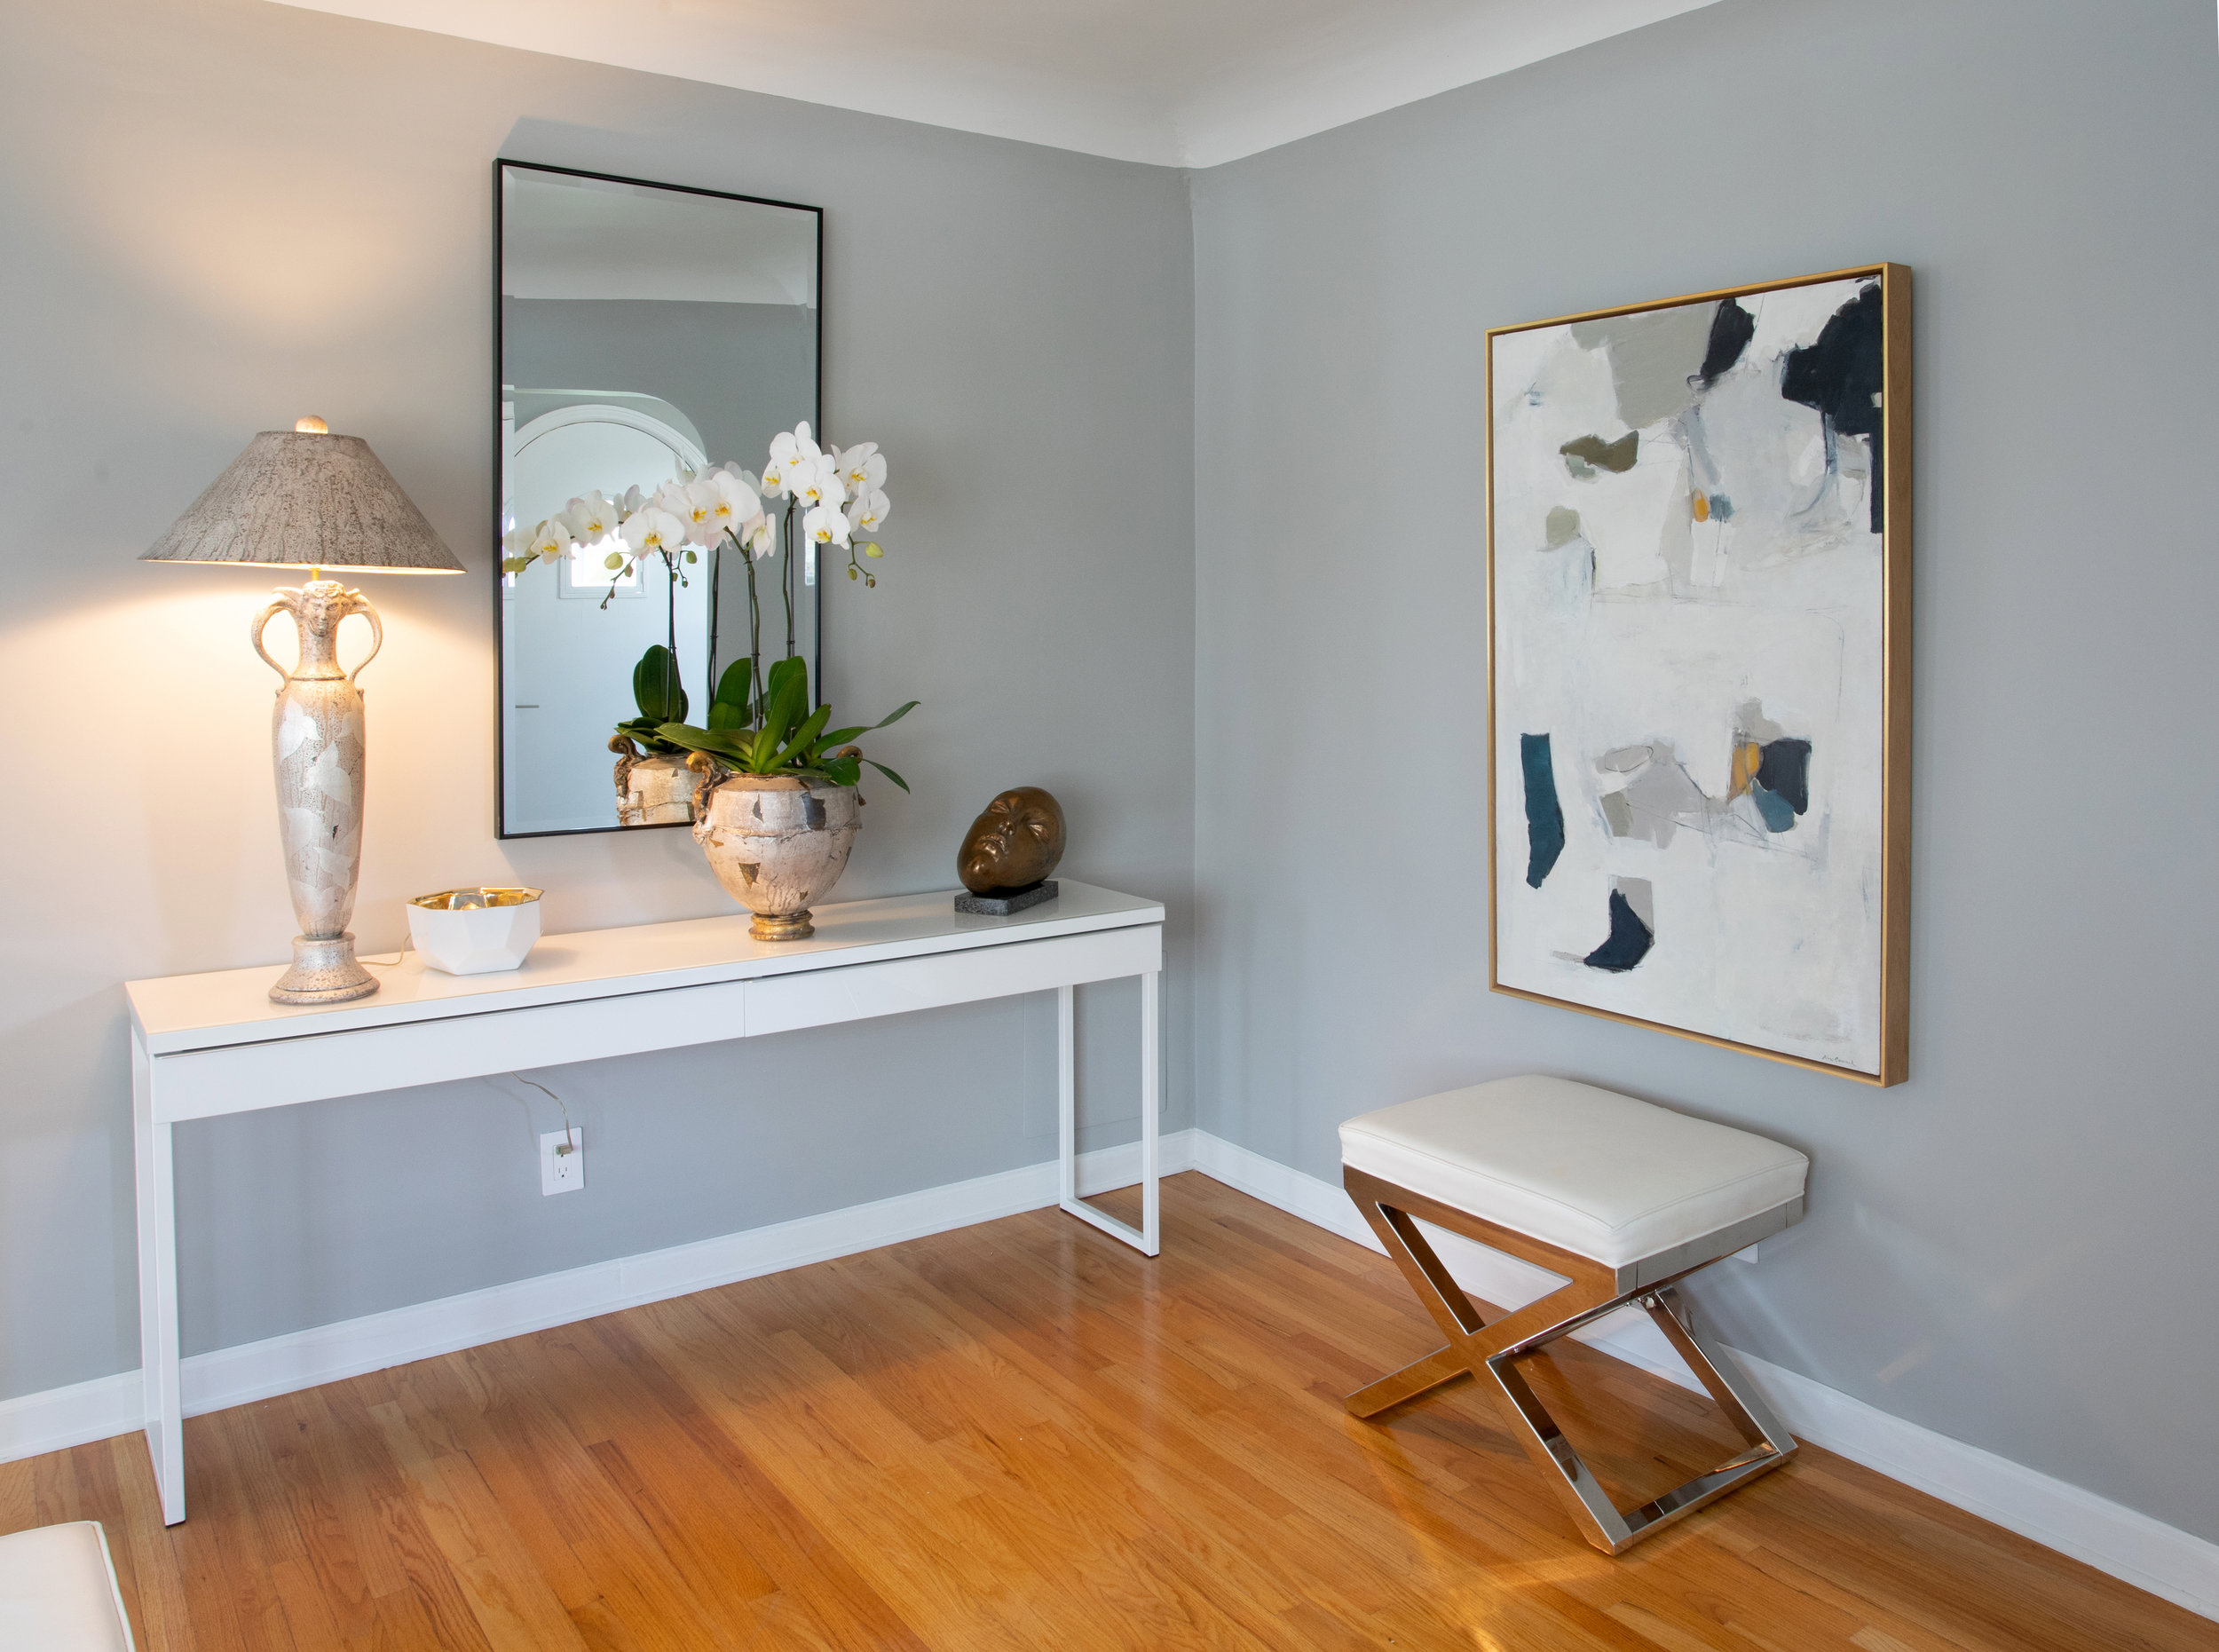 026 Bryan Ave JAID Interiors May 2019.jpg